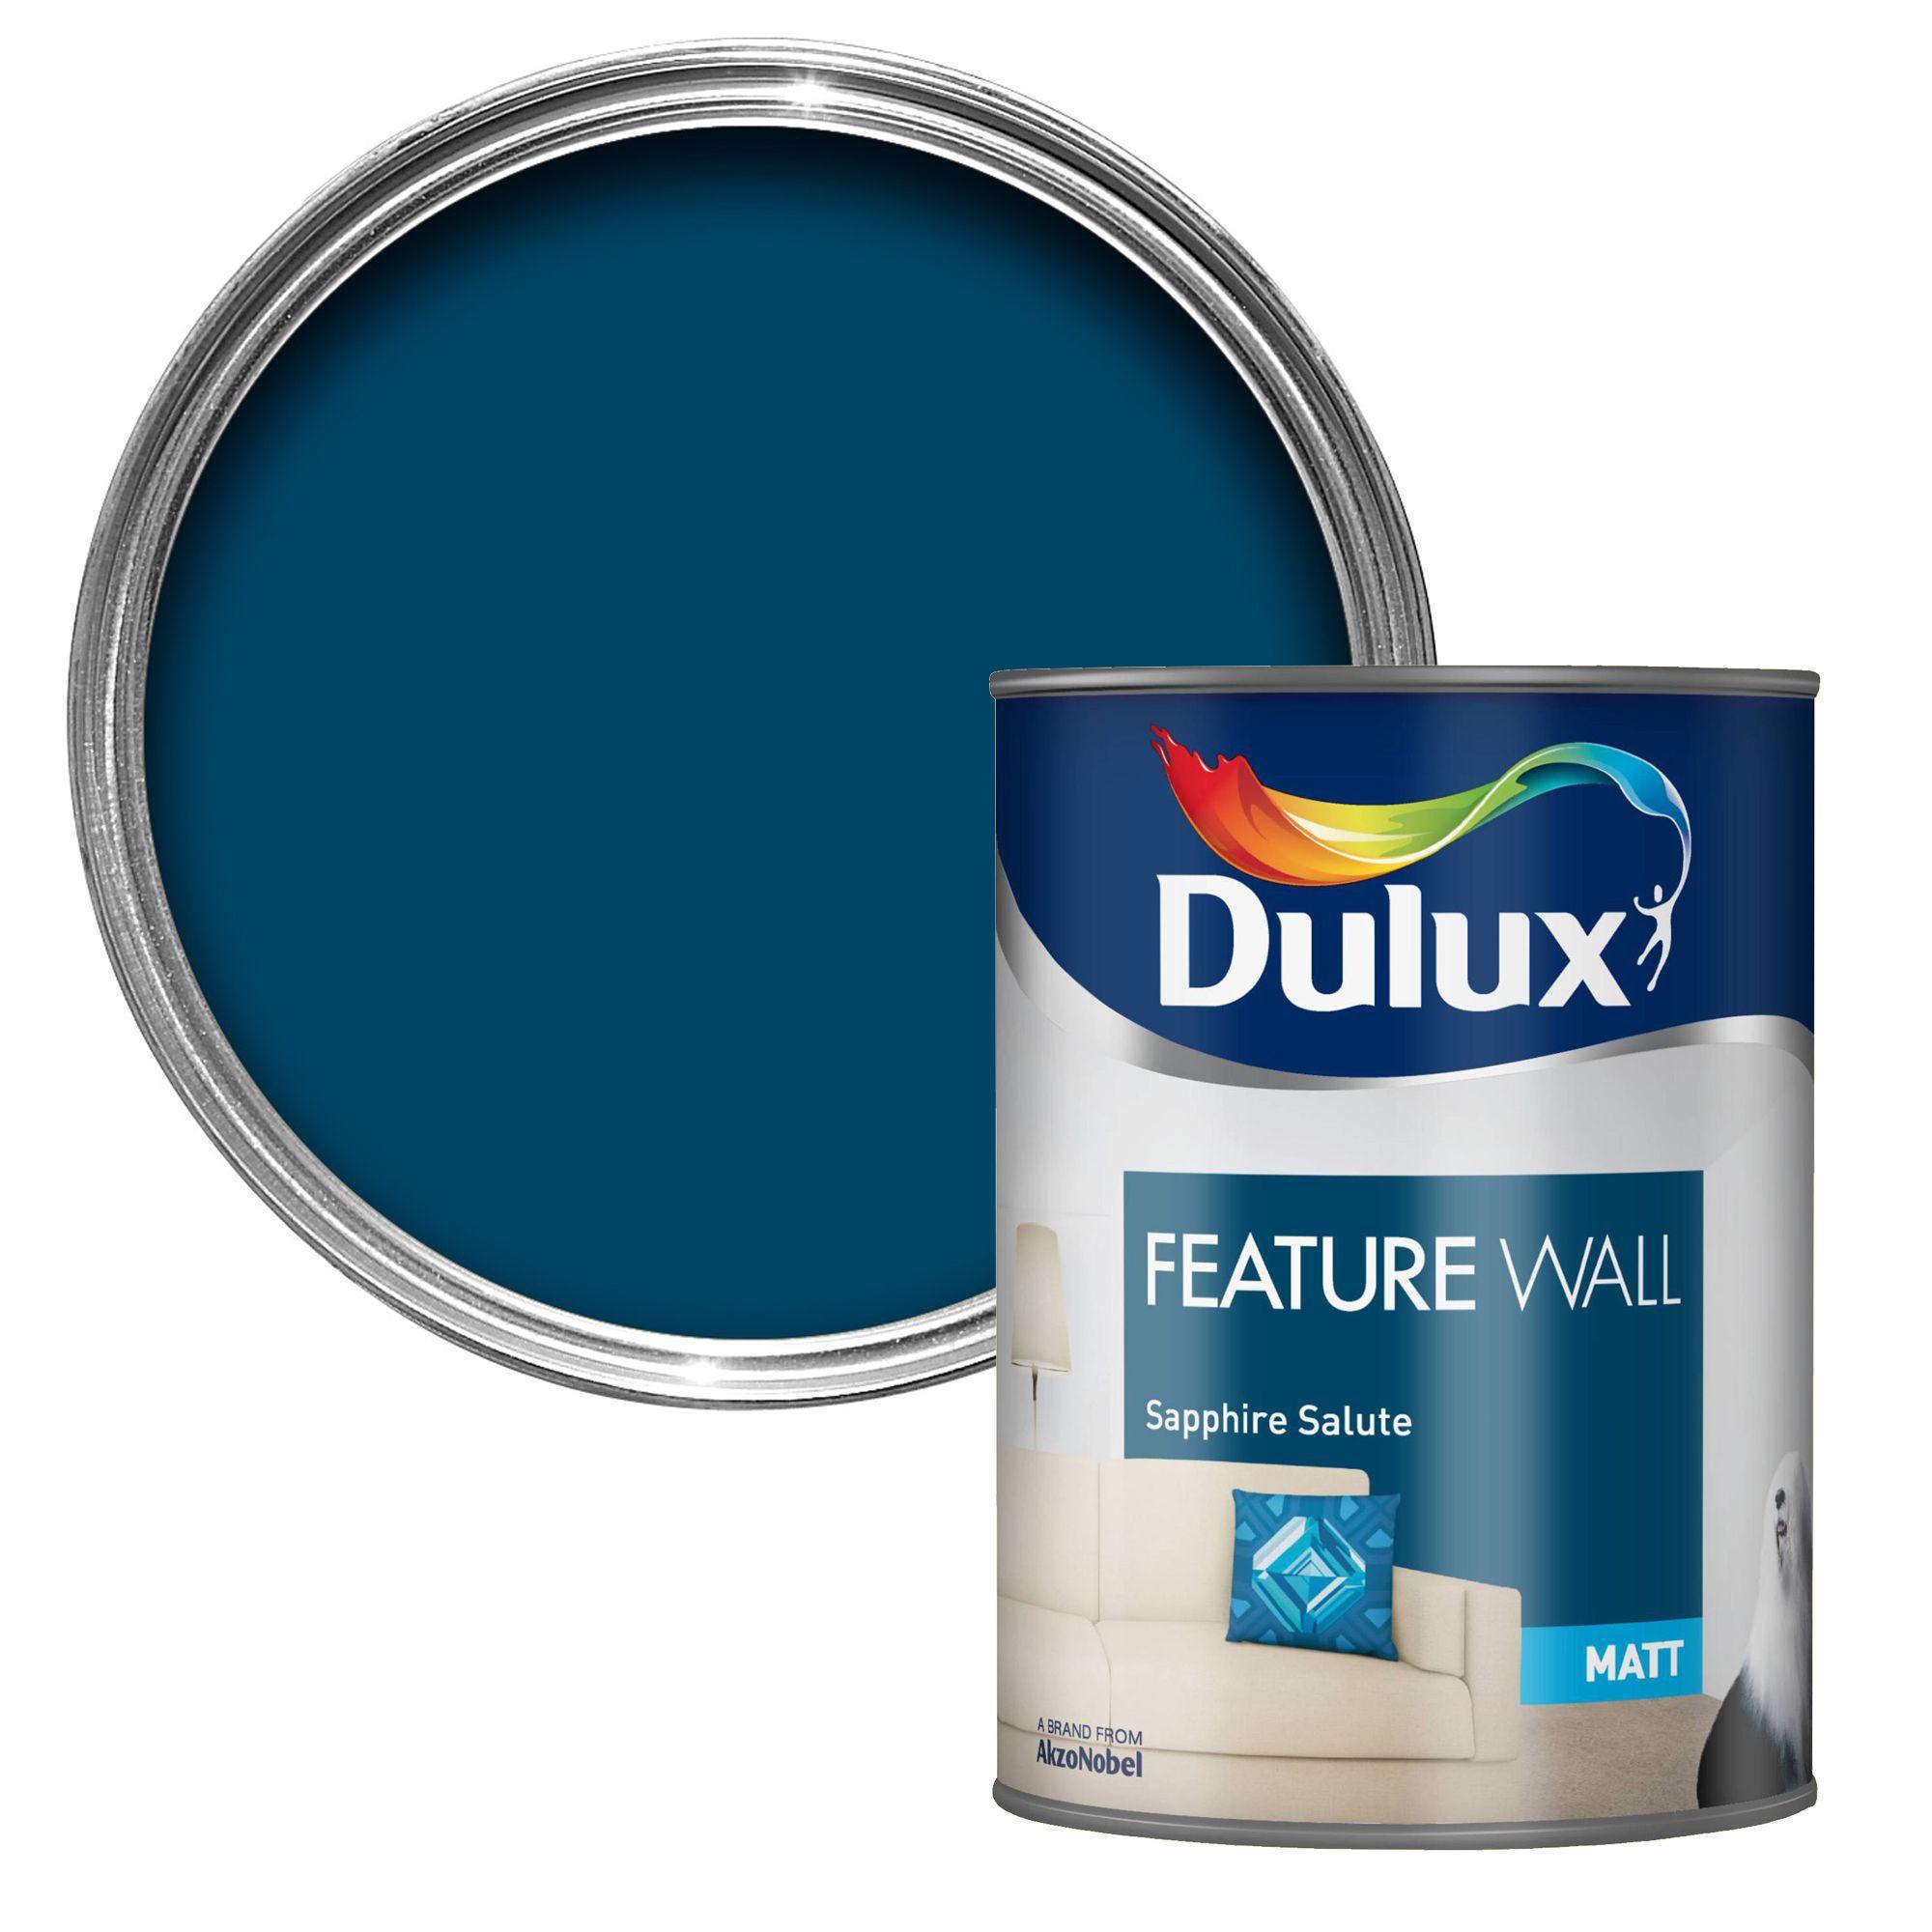 Dulux Feature Wall Sapphire Salute Matt Emulsion Paint 1